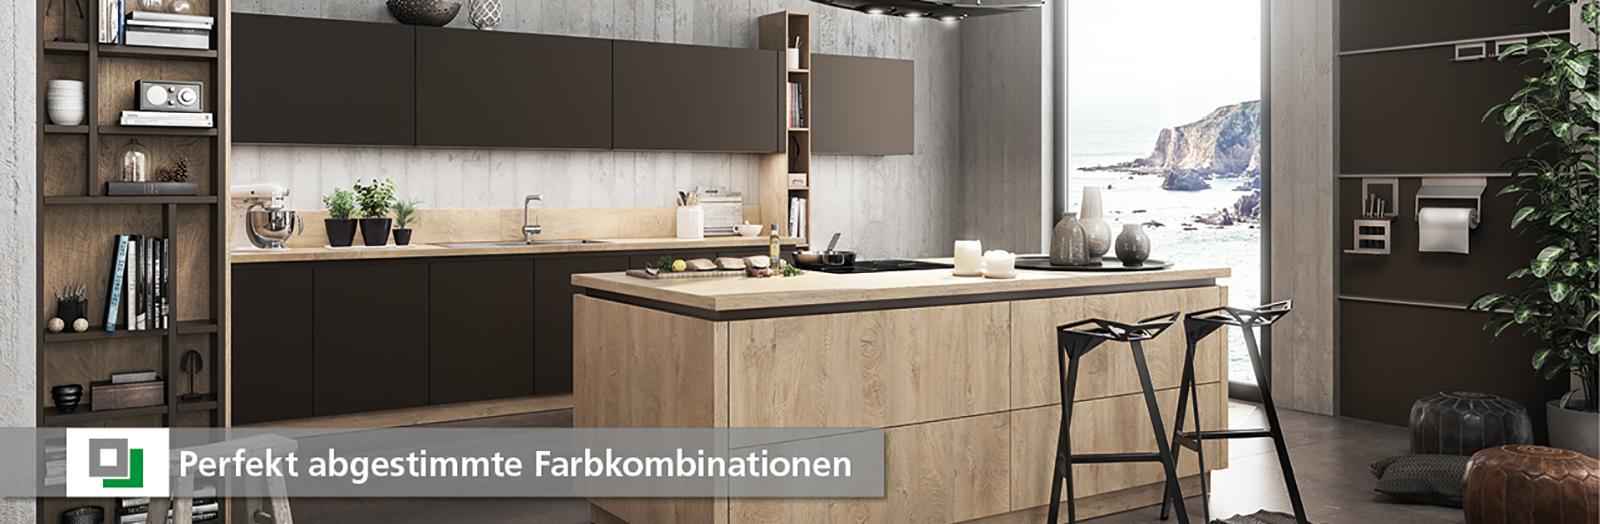 Grosse Auswahl an Fronten und Designs - Küche und Raum, 82152 Planegg, 85072 Eichstätt